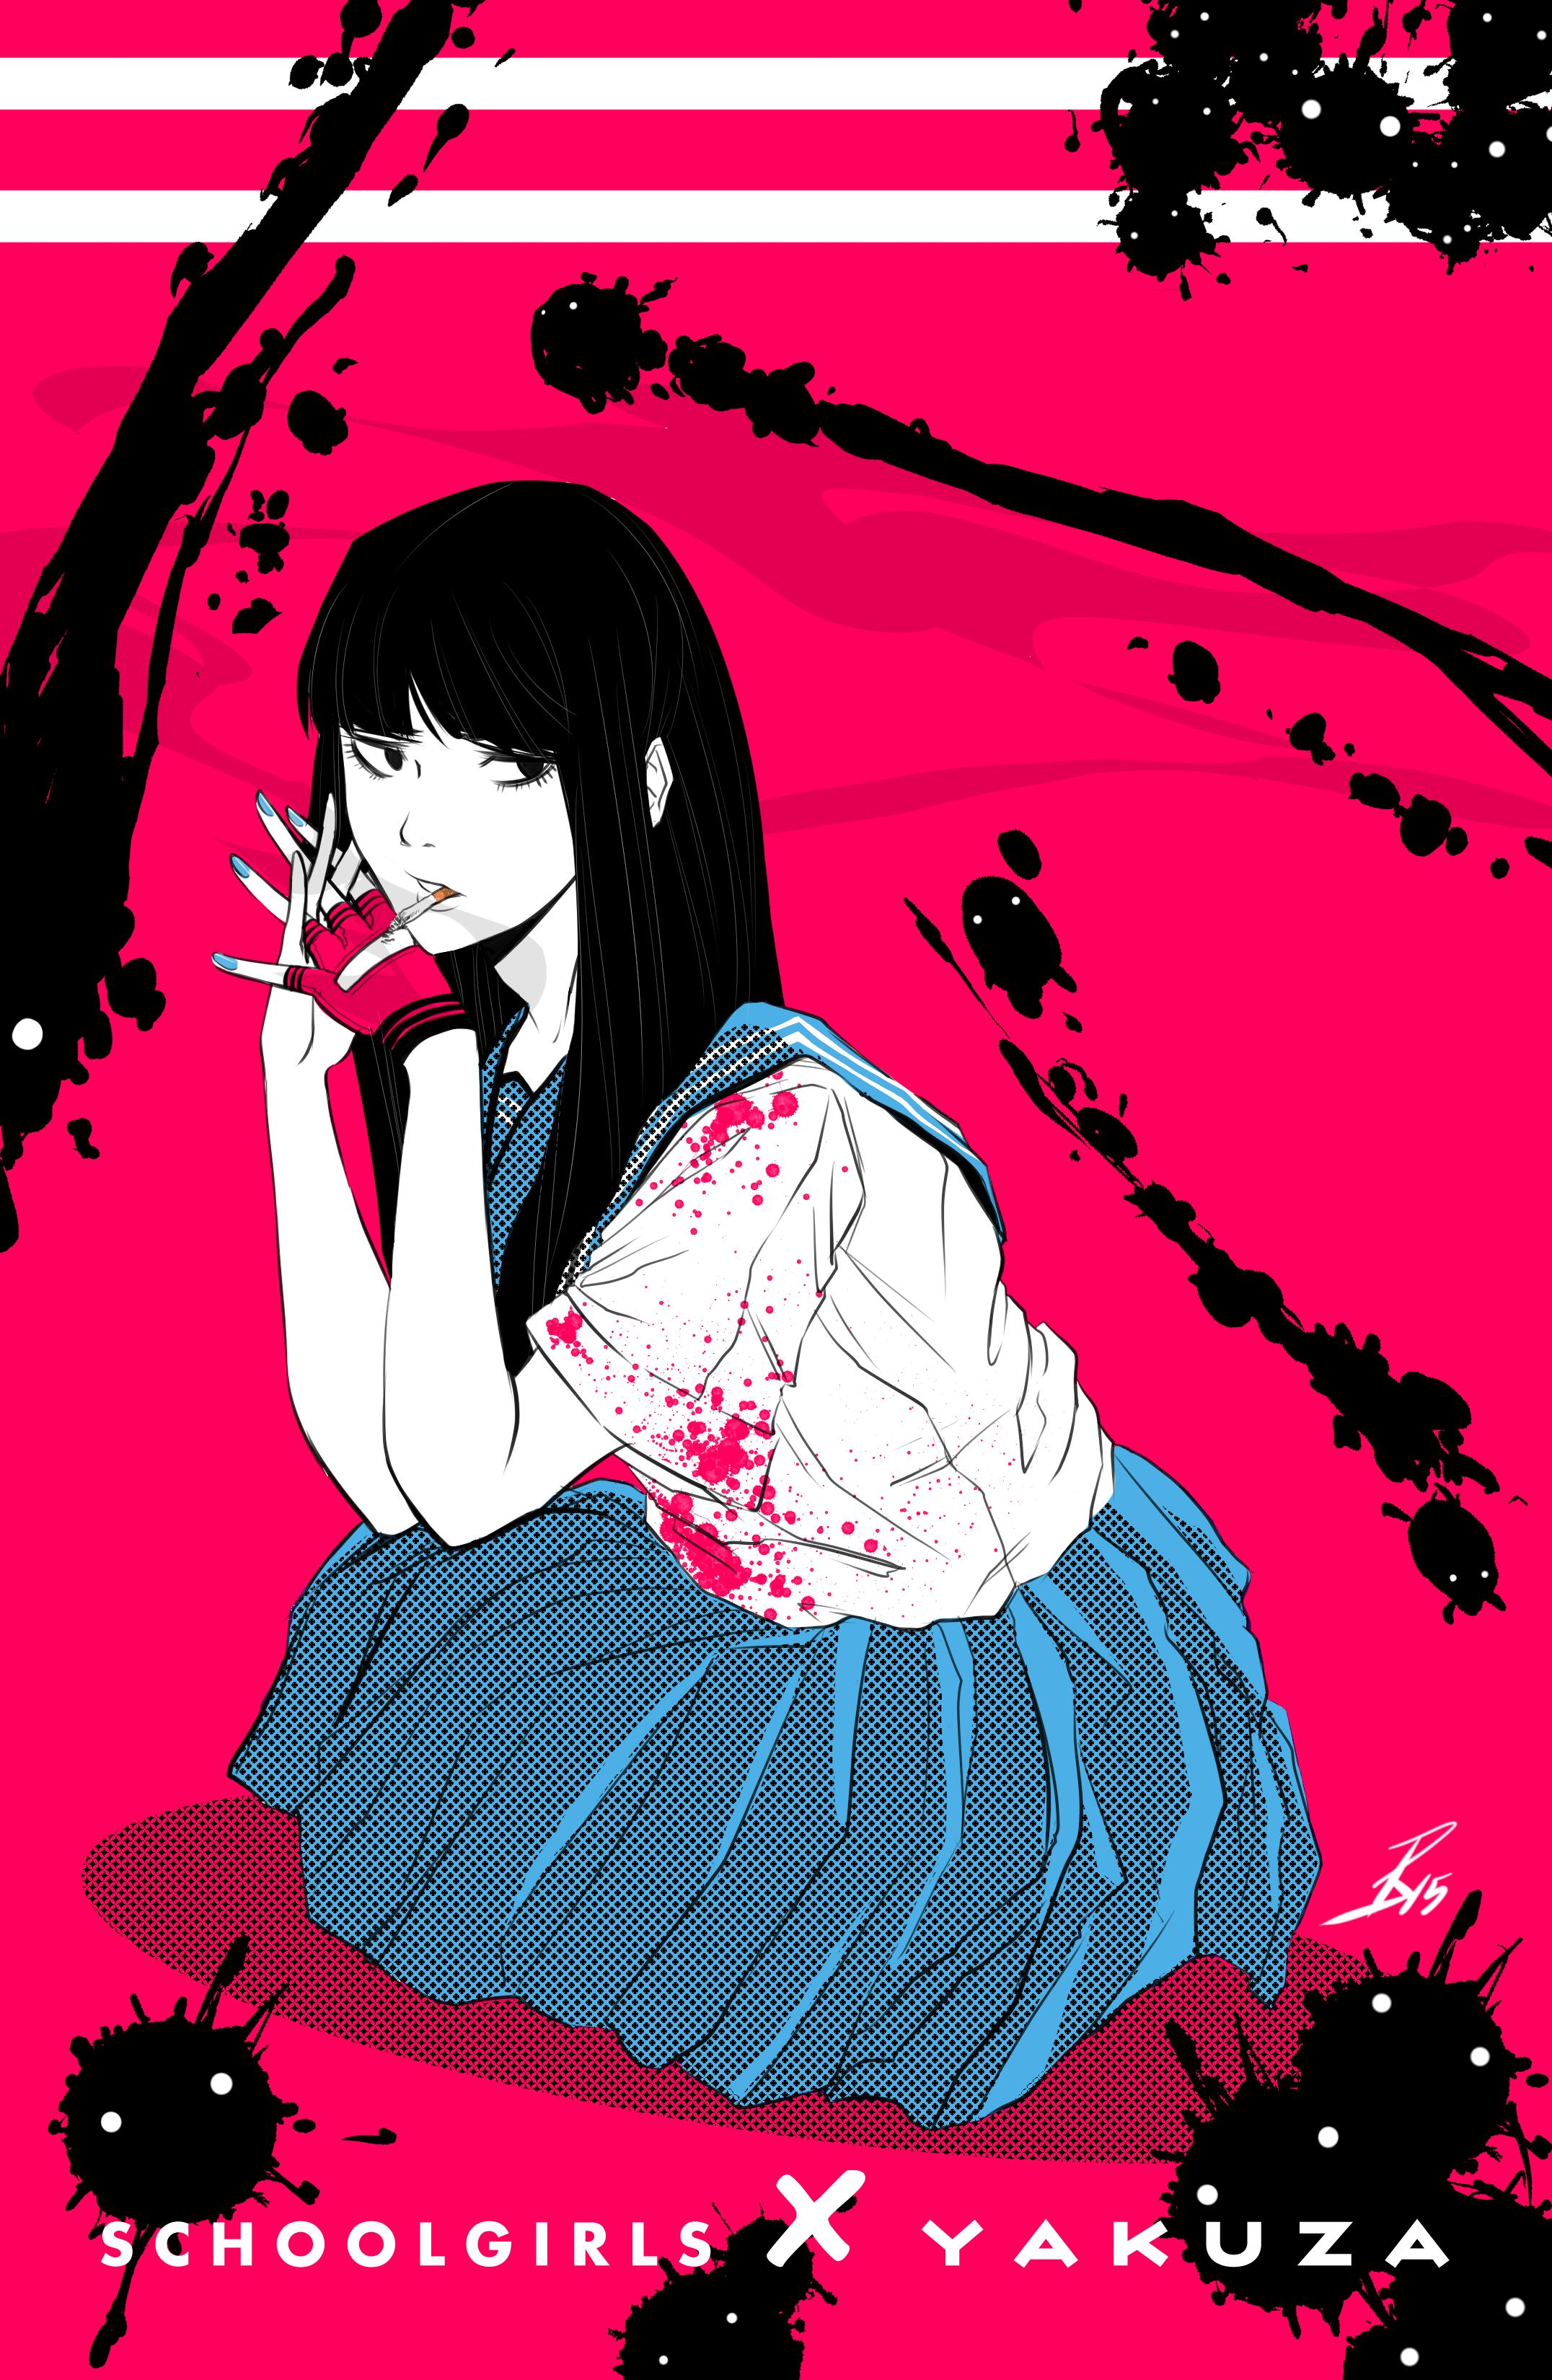 Schoolgirl X Yakuza (Smoking)